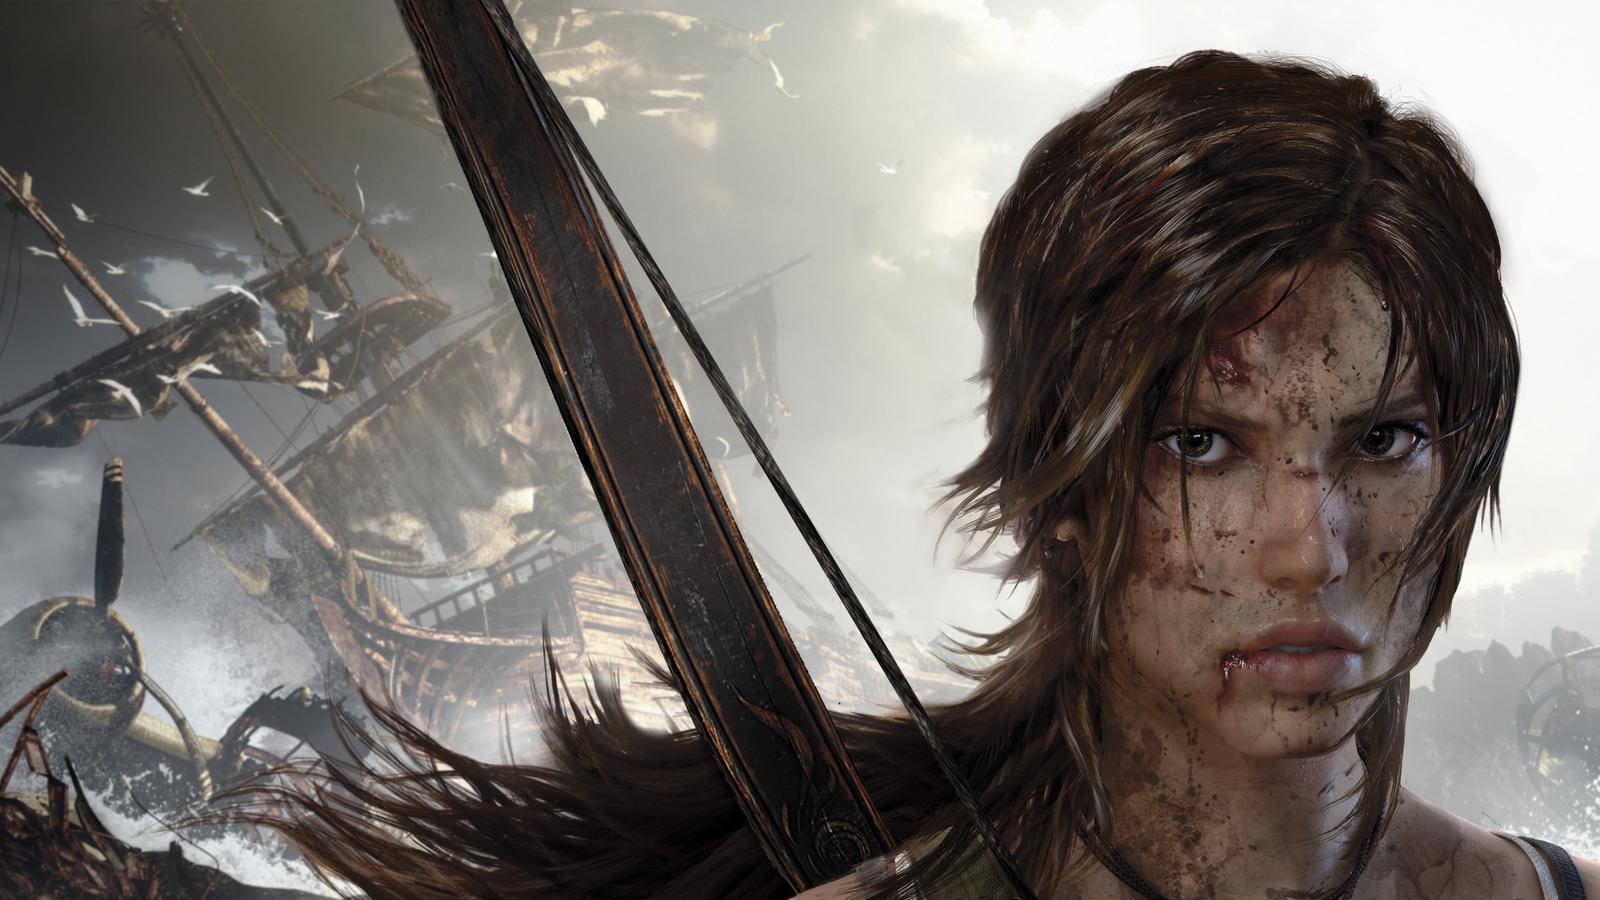 Tomb Raider sortie mars 2013 : Jaquette dévoilé  CompositeTR